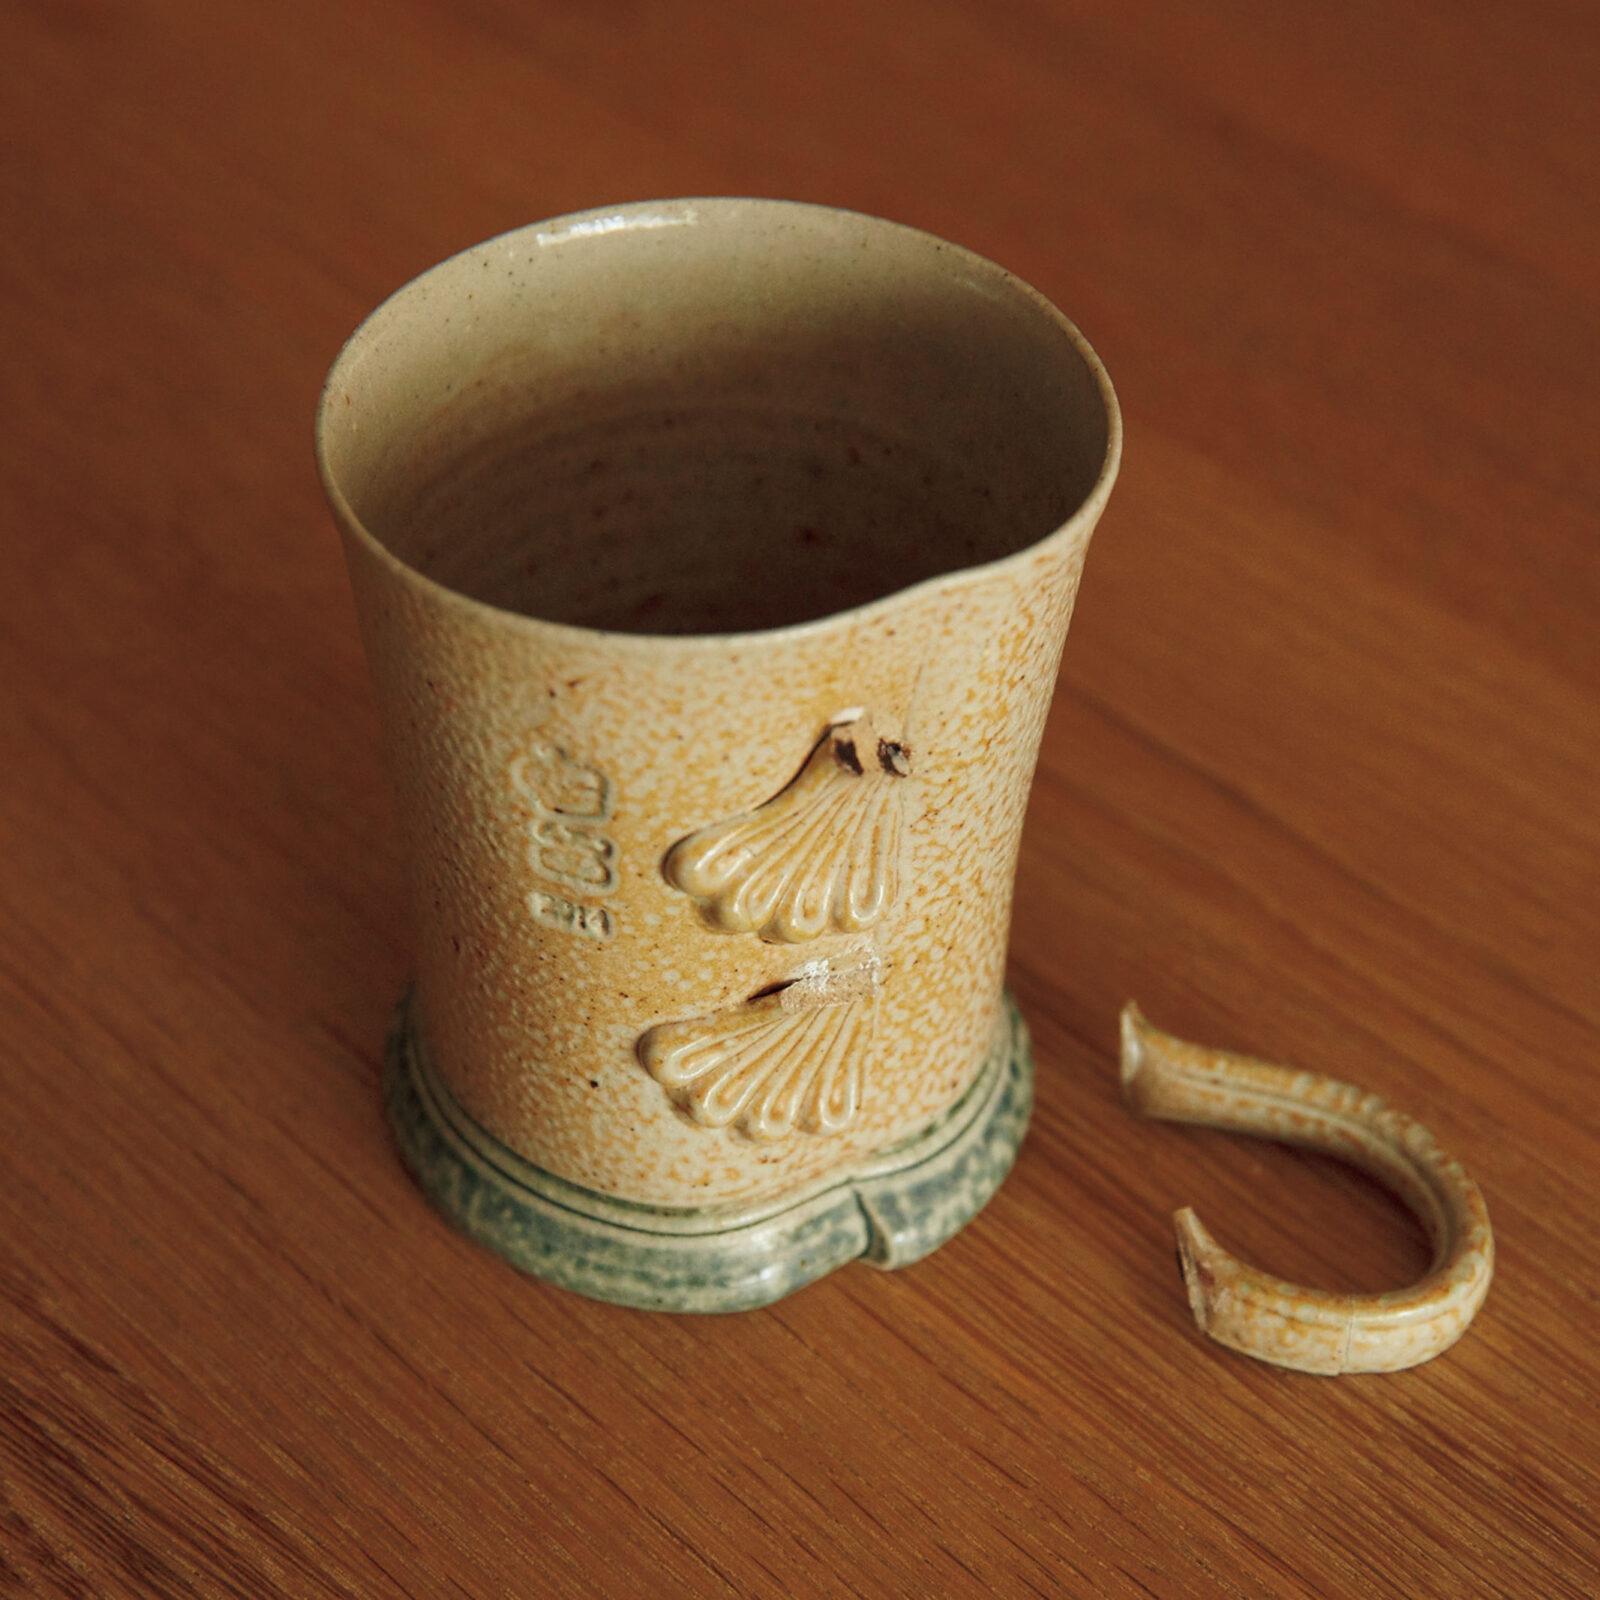 鎌田奈穂(金工作家)夫からプレゼントされたスティーブ・ハリソンのコーヒーカップがお気に入り。取っ手が何度か取れちゃったんだけど(今も)、金継ぎしてみたり直しつつ大事に使っています。